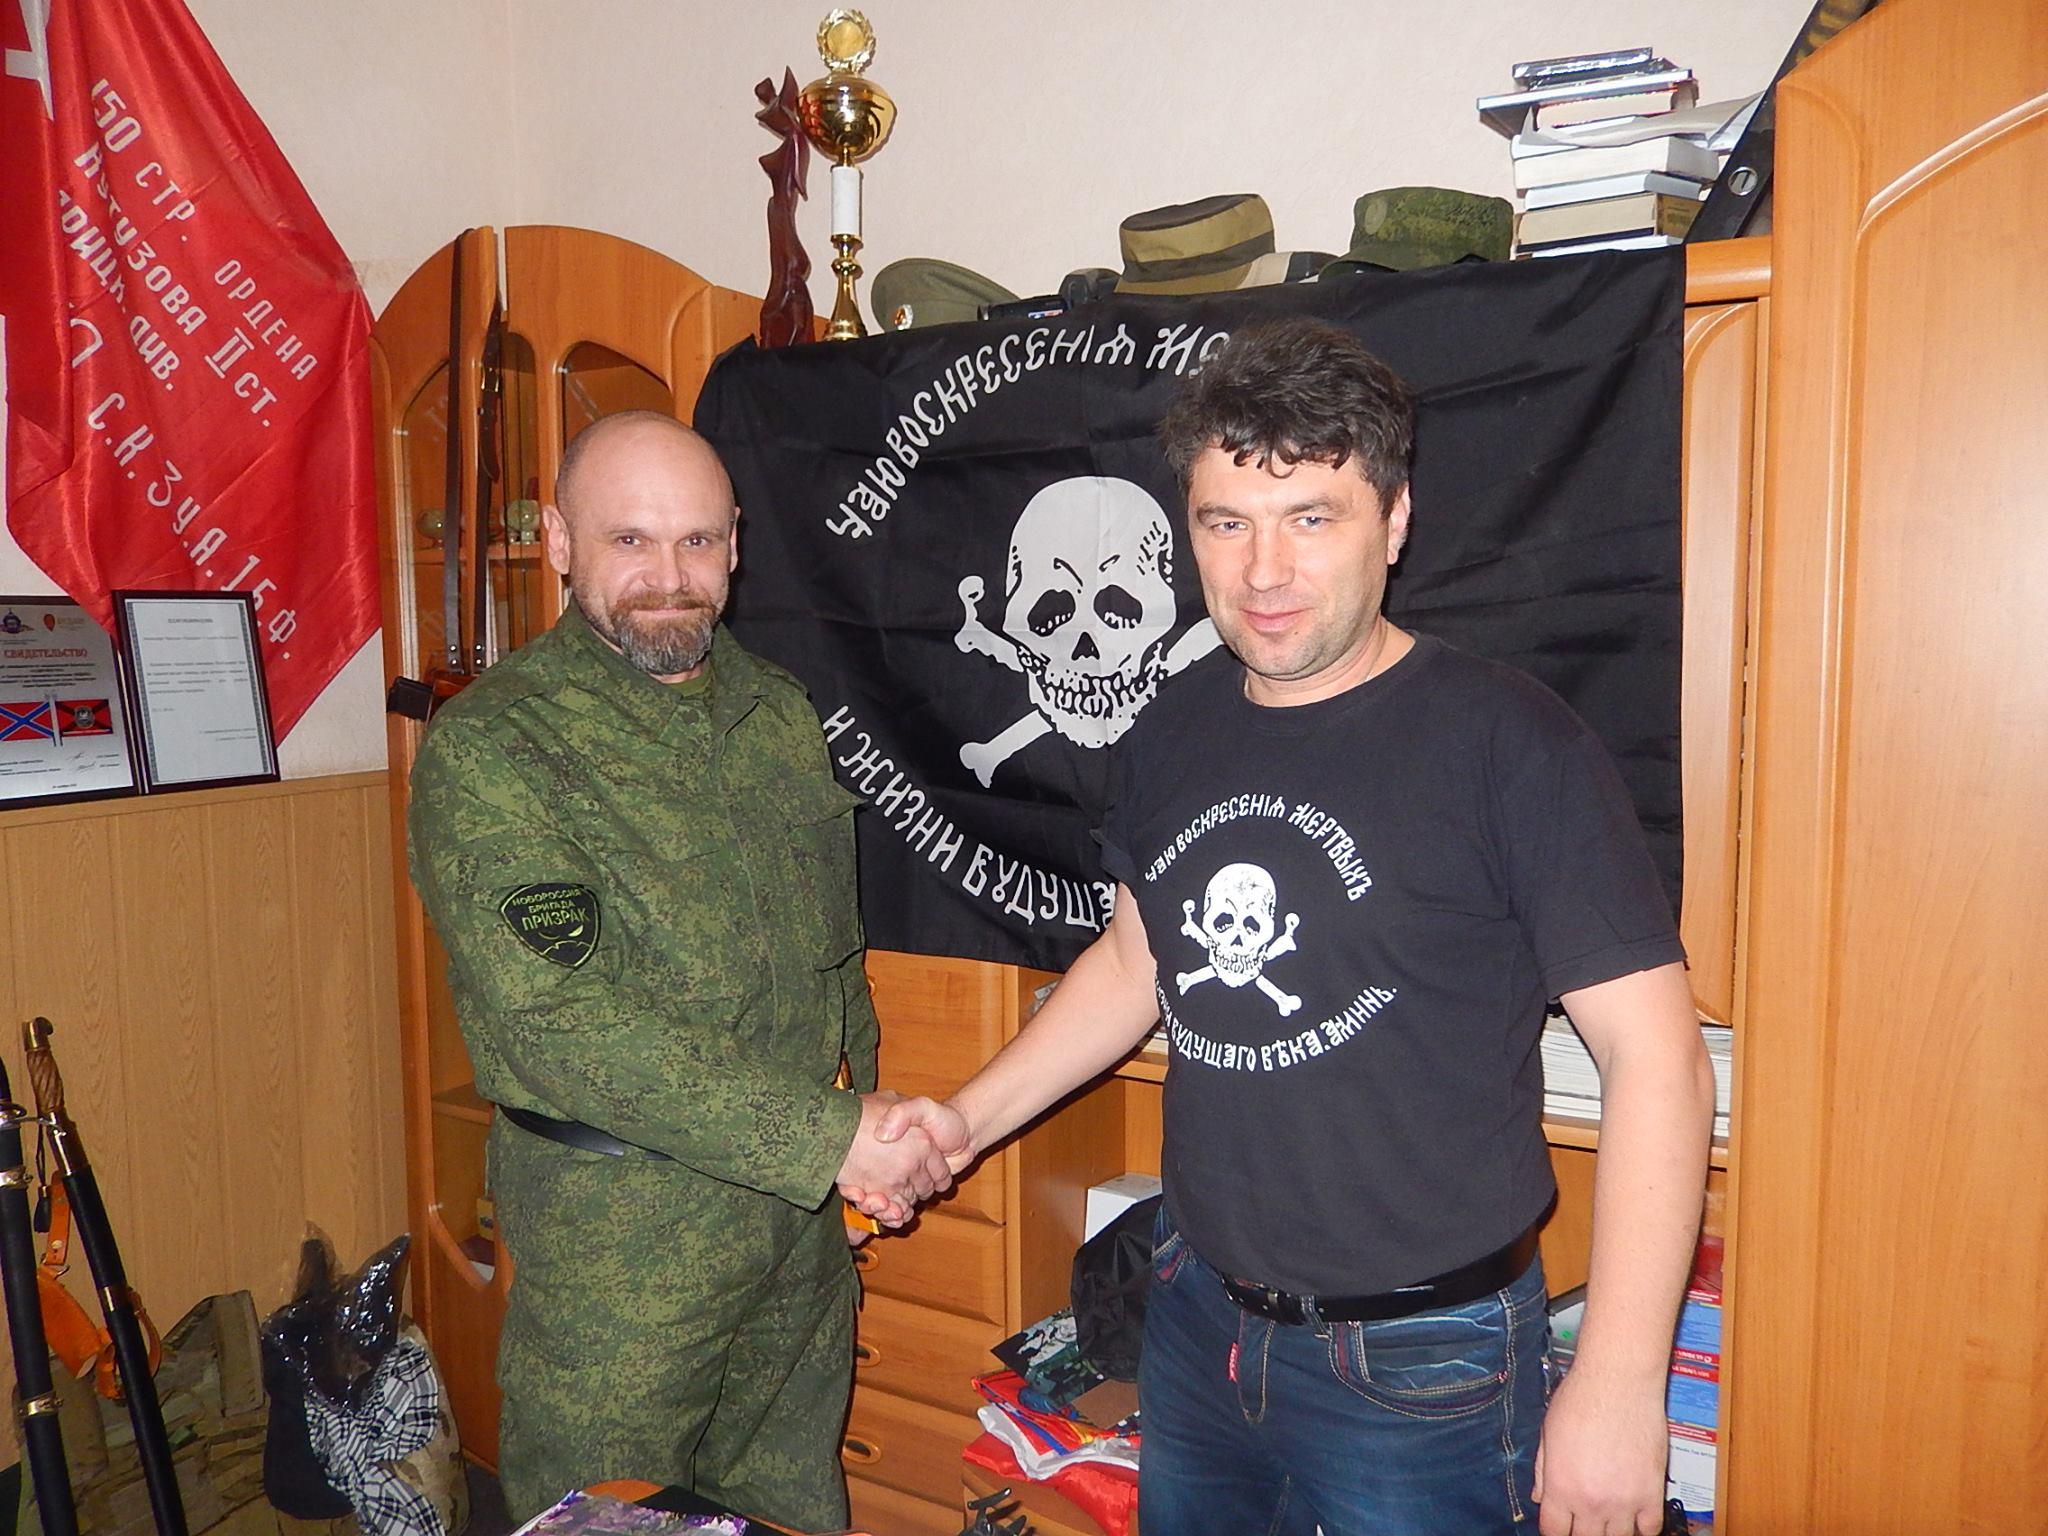 Першиков с комбригом «Призрака» Алексеем Мозговым. Группу «Крым» перебросили в Луганск еще в 2014-м. Фото из Facebook